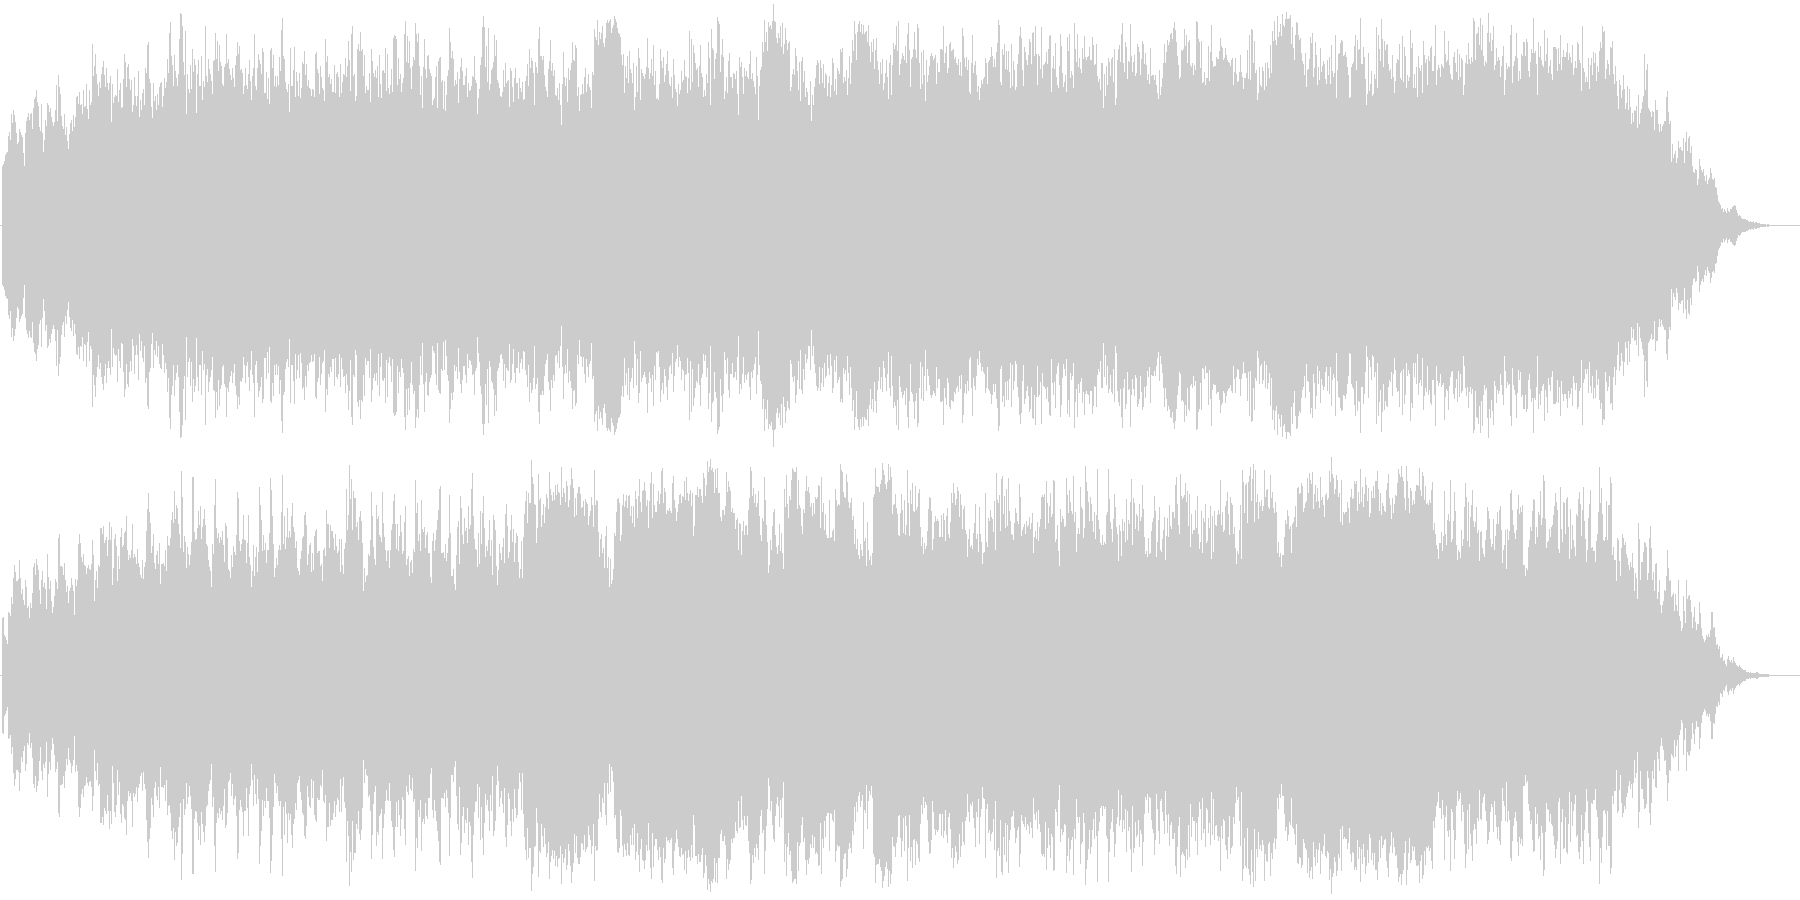 ガムランとピアノの幻想曲の未再生の波形